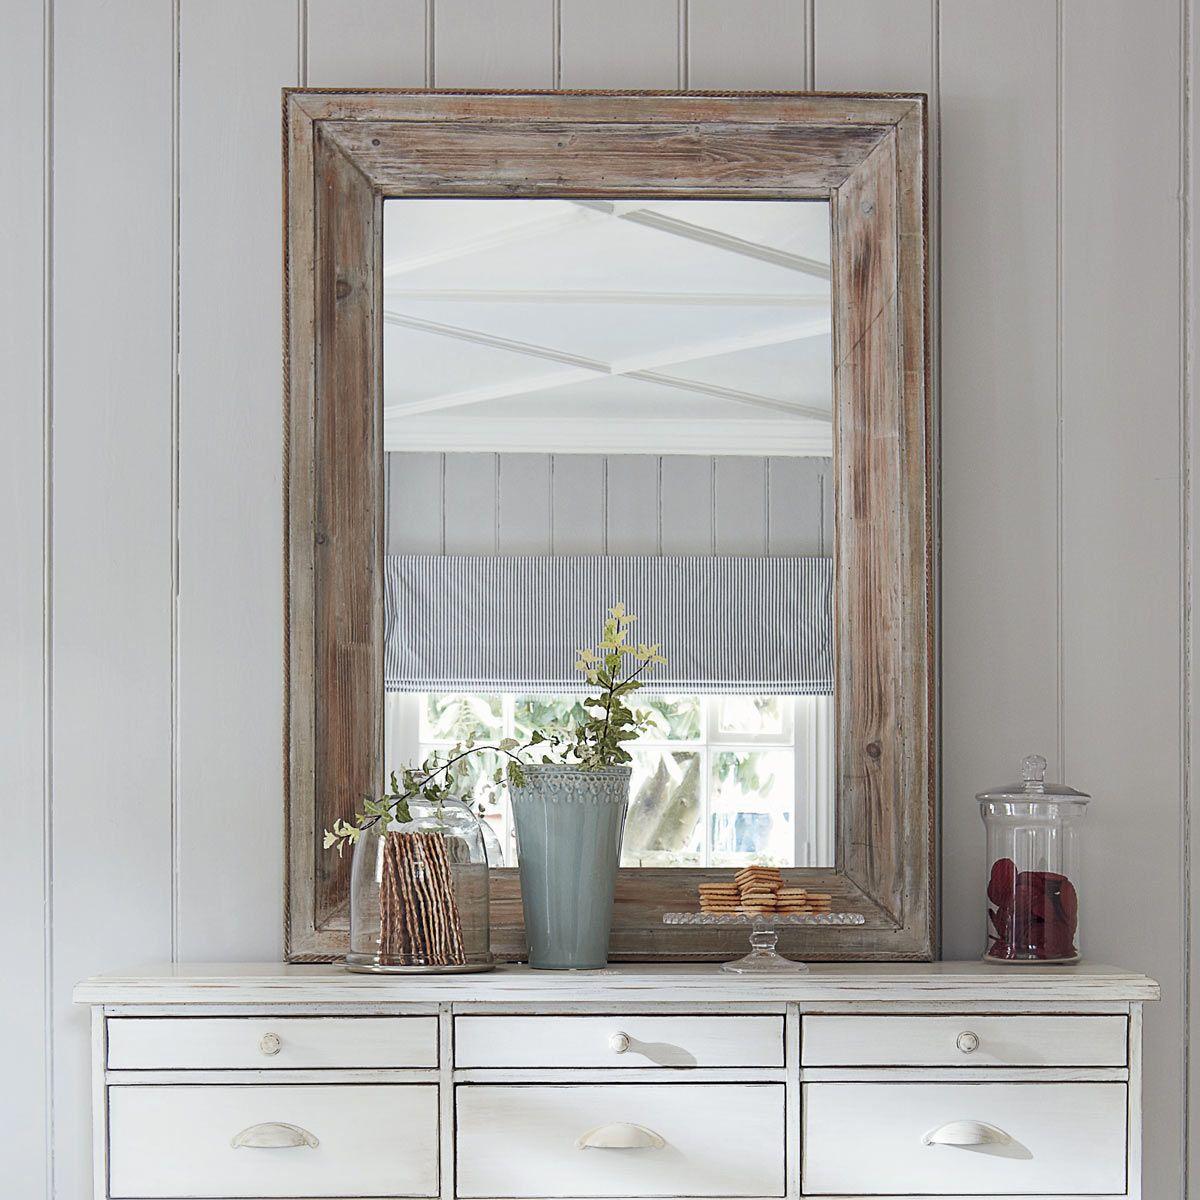 Specchio in legno sbiancato h 112 cm perrine coastal home pinterest specchio e legno - Specchio bagno legno ...